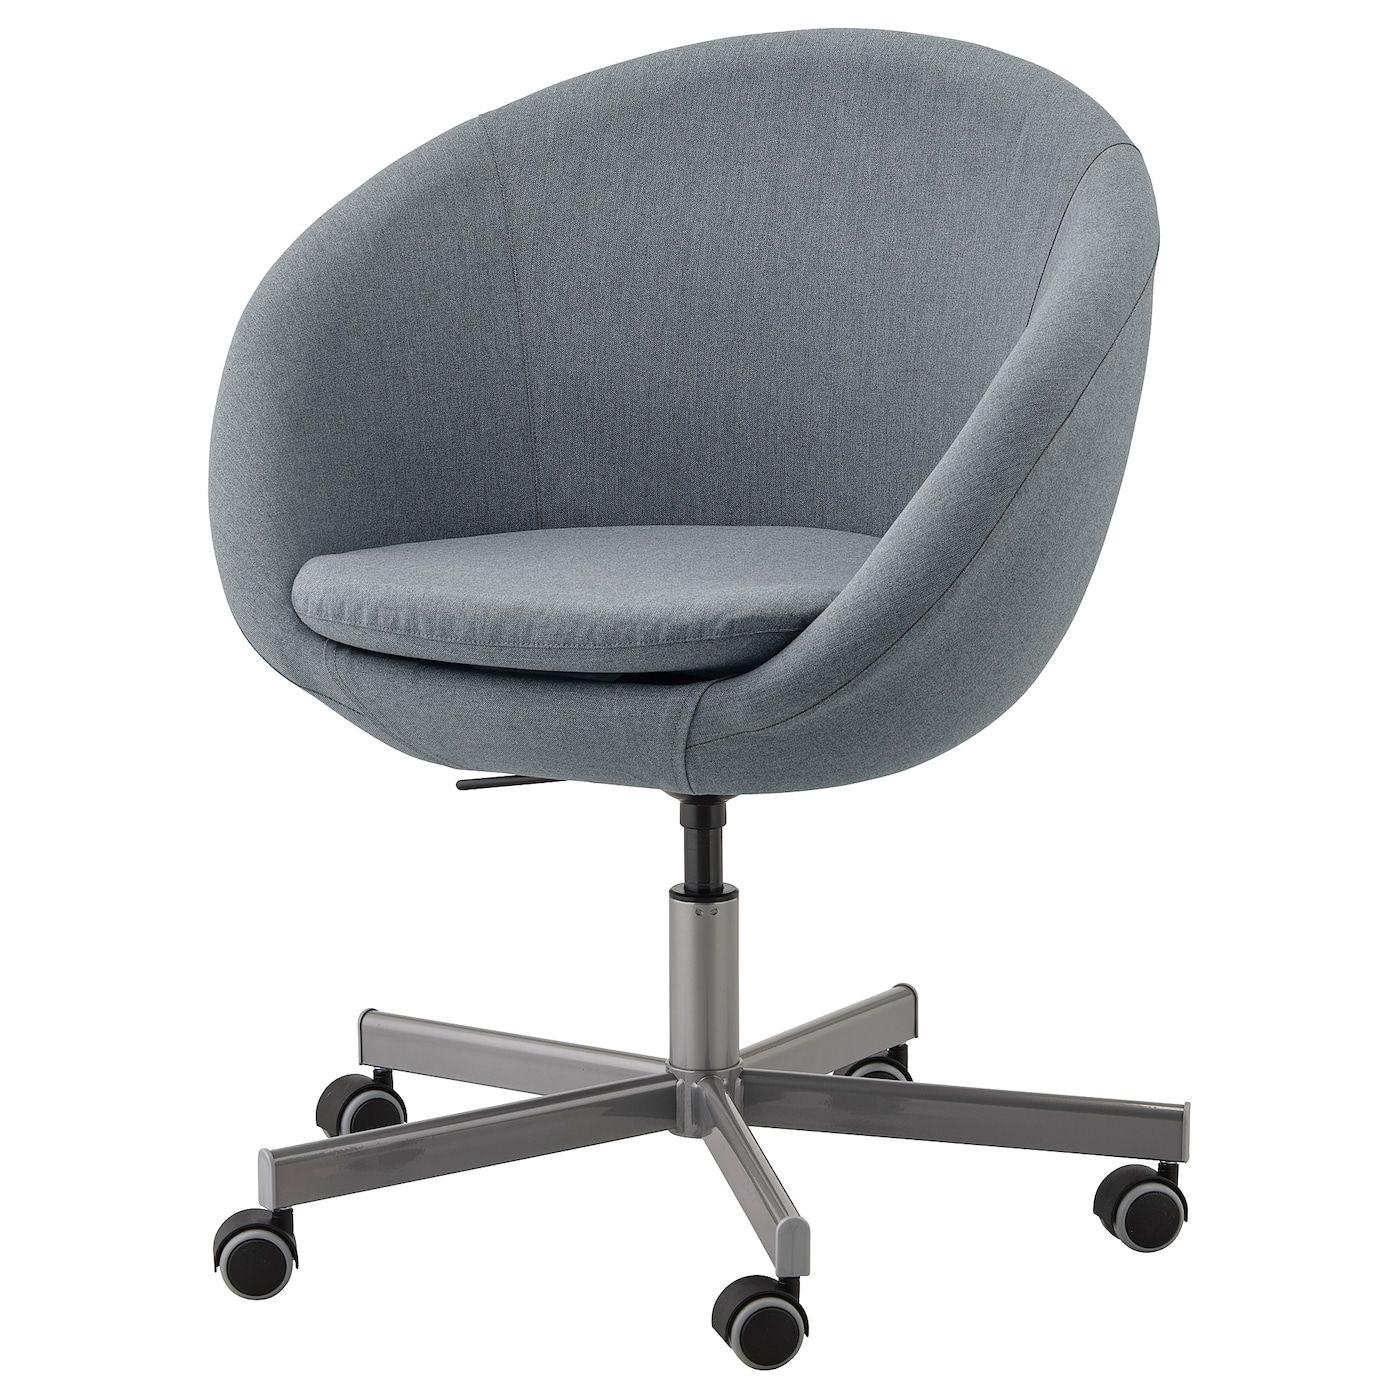 Skruvsta Swivel Chair Vissle Grey In 2020 Swivel Chair Ikea